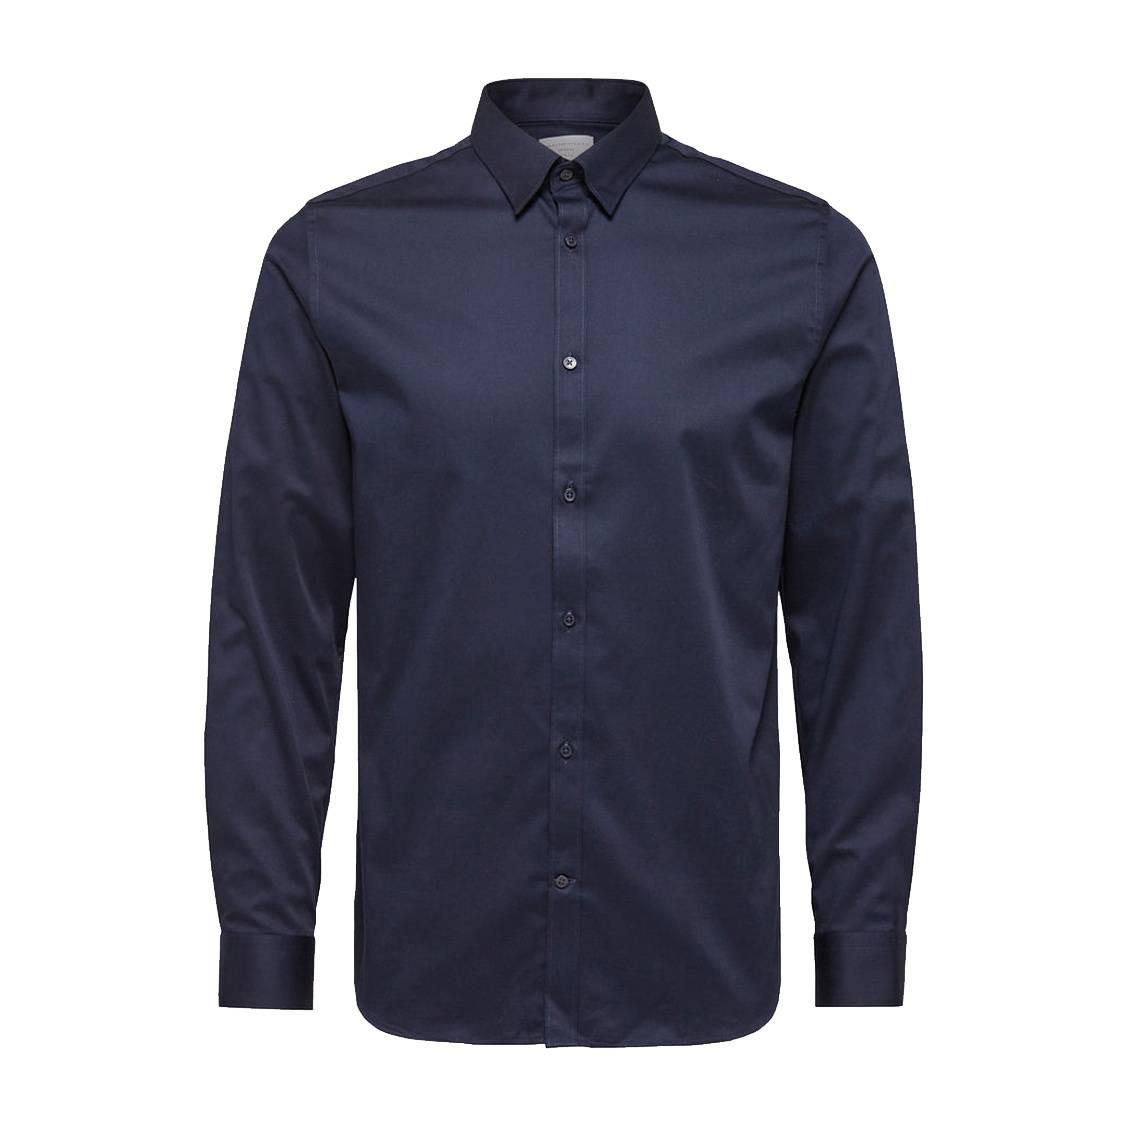 Chemise cintrée  en coton stretch bleu marine, repassage facile